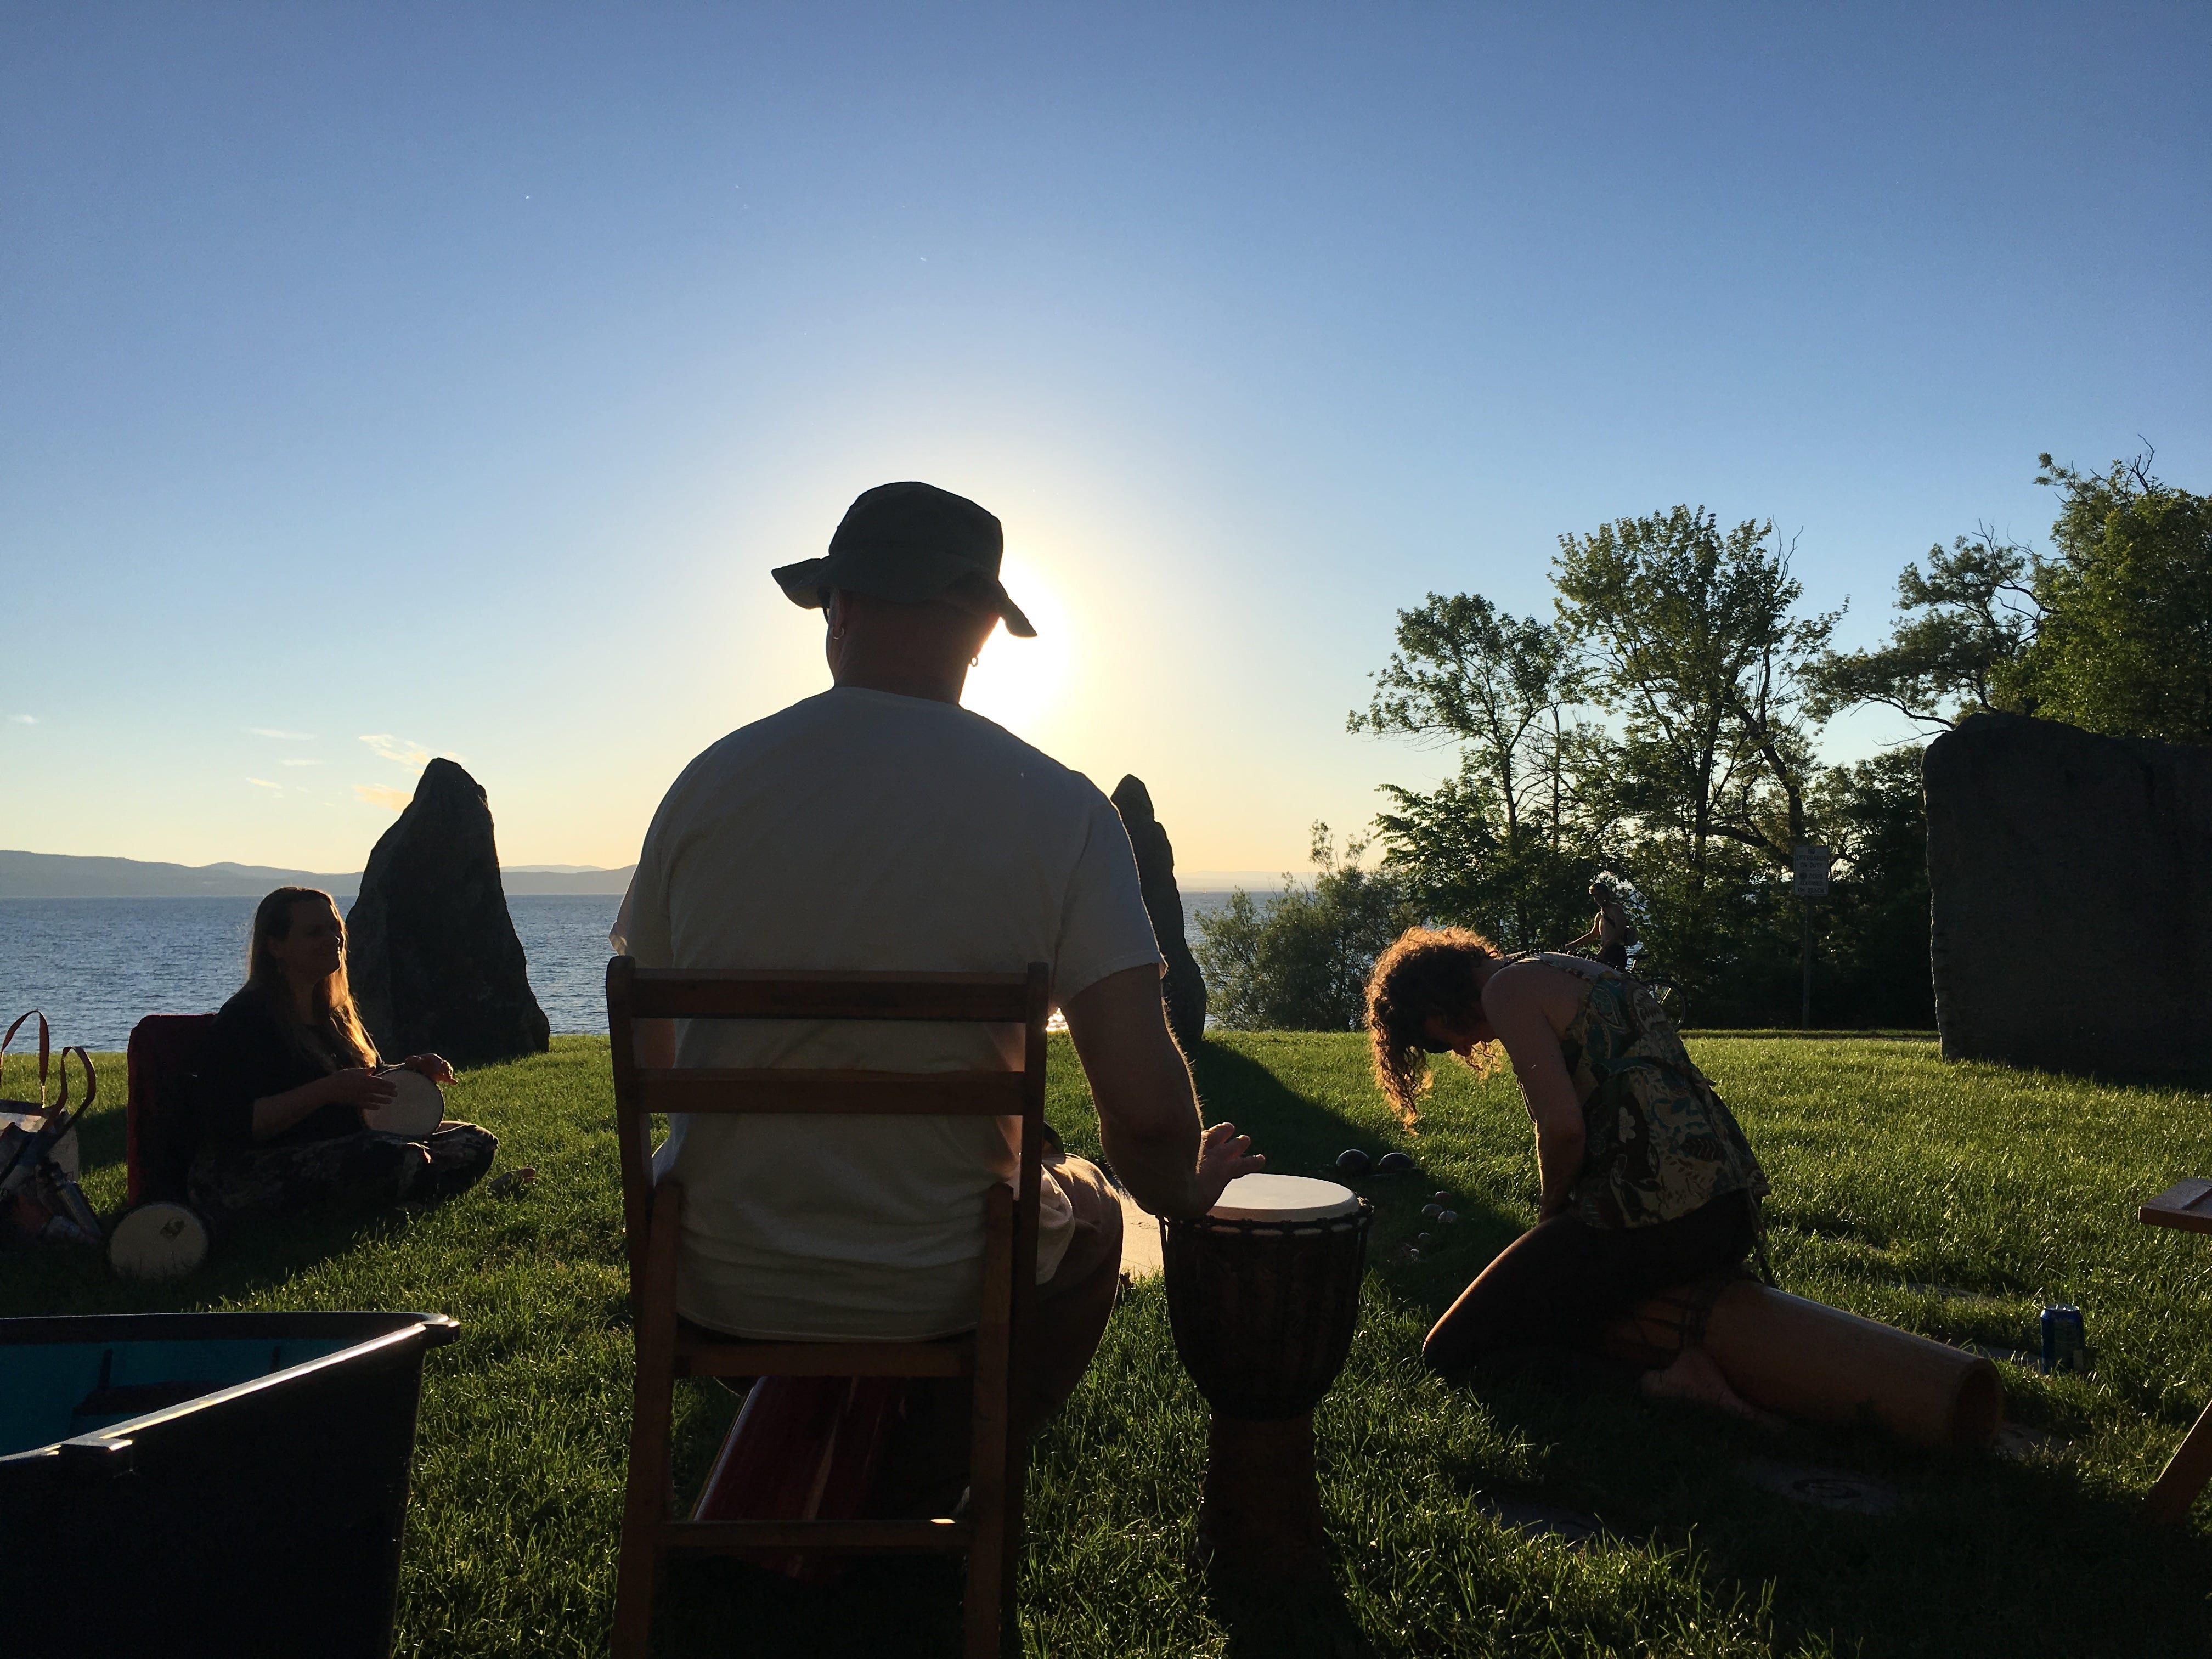 Solstice fans in Vermont herald longest day(s) | Burlington Free Press